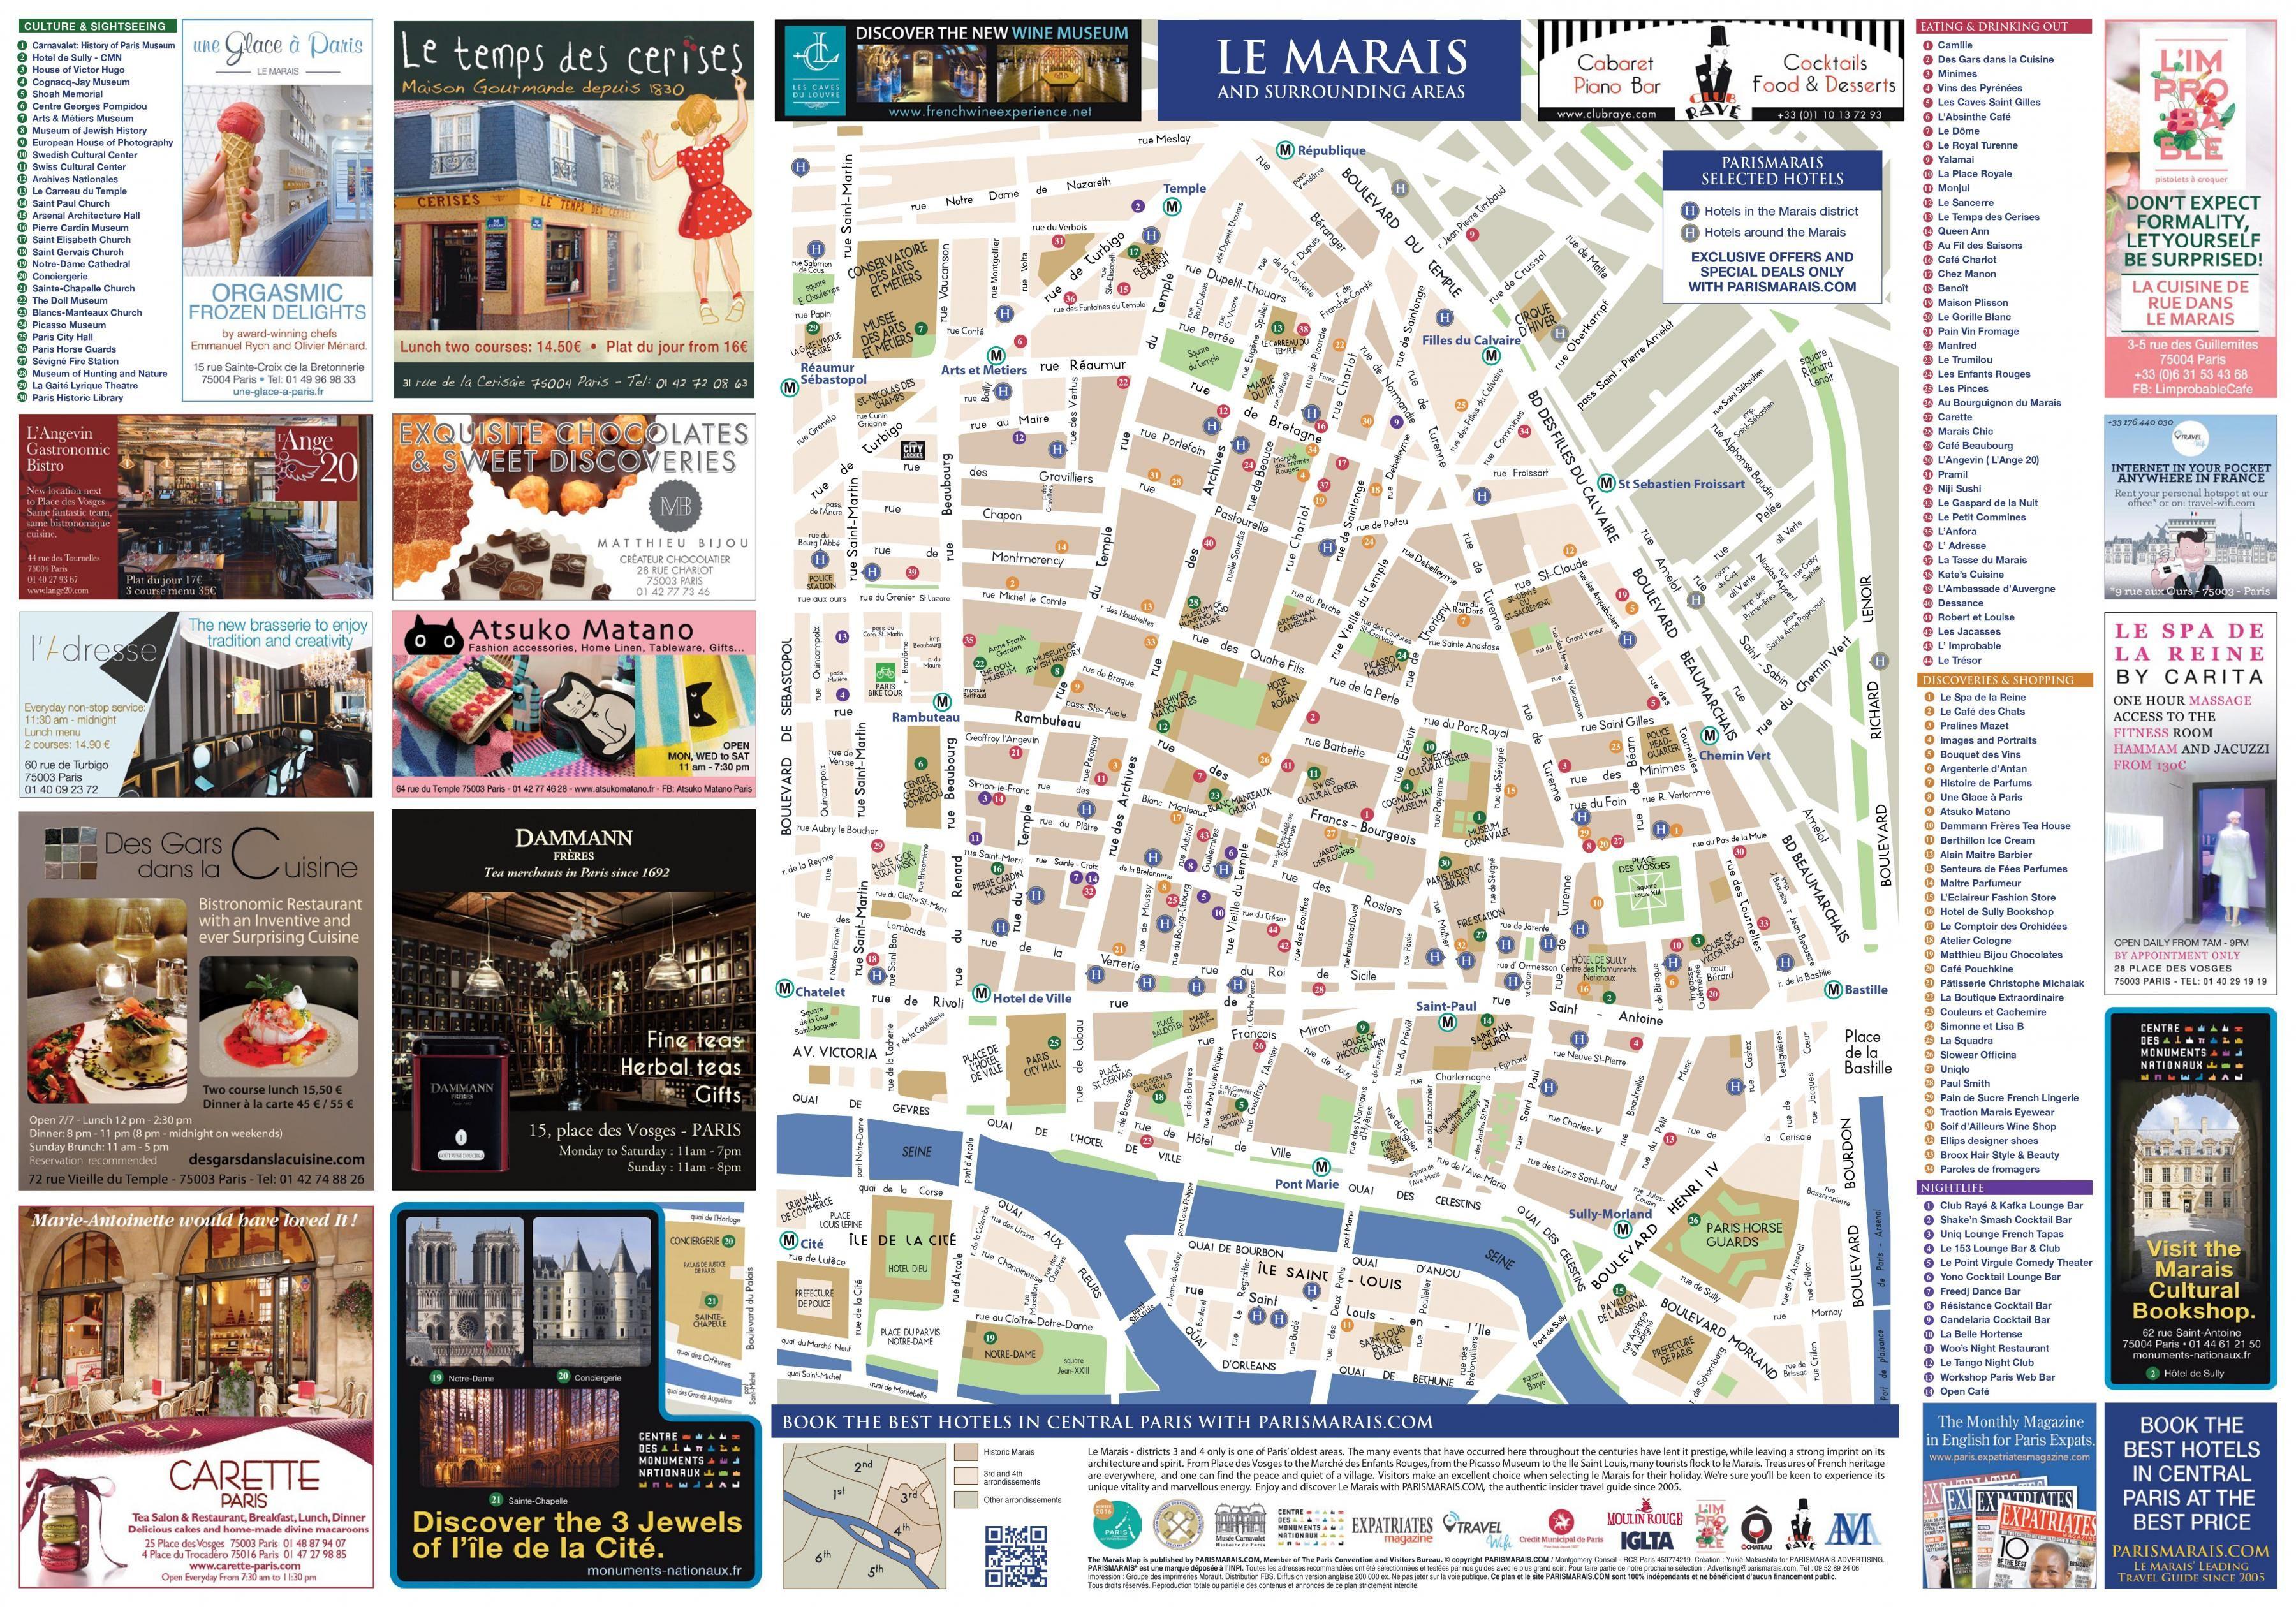 the district marais paris map map of the district marais paris france